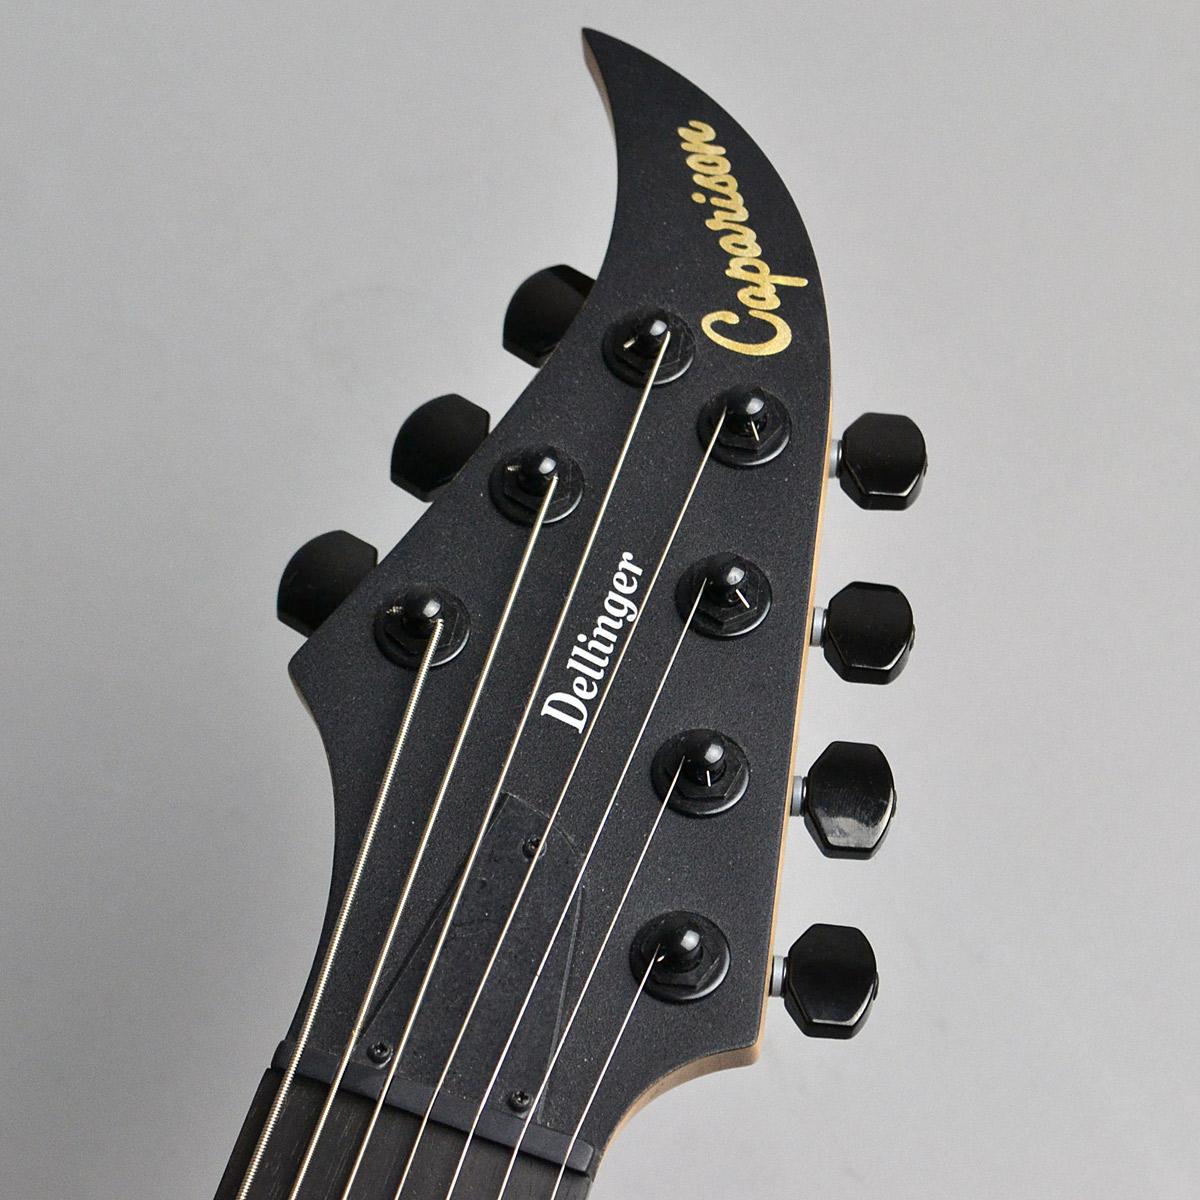 Dellinger7 FX-AMのヘッド画像